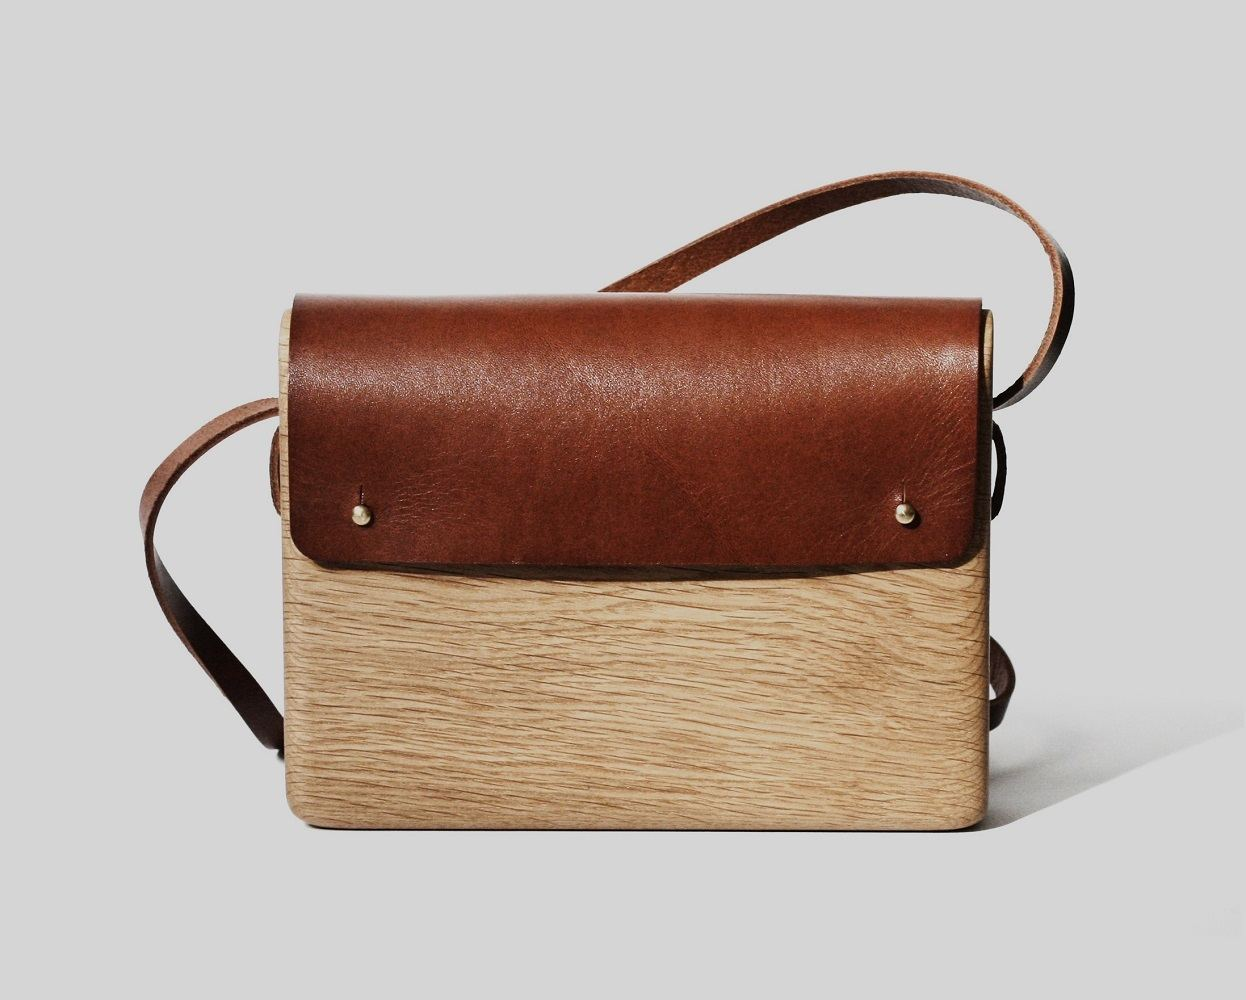 Oak Wood Bag by Haydanhuya